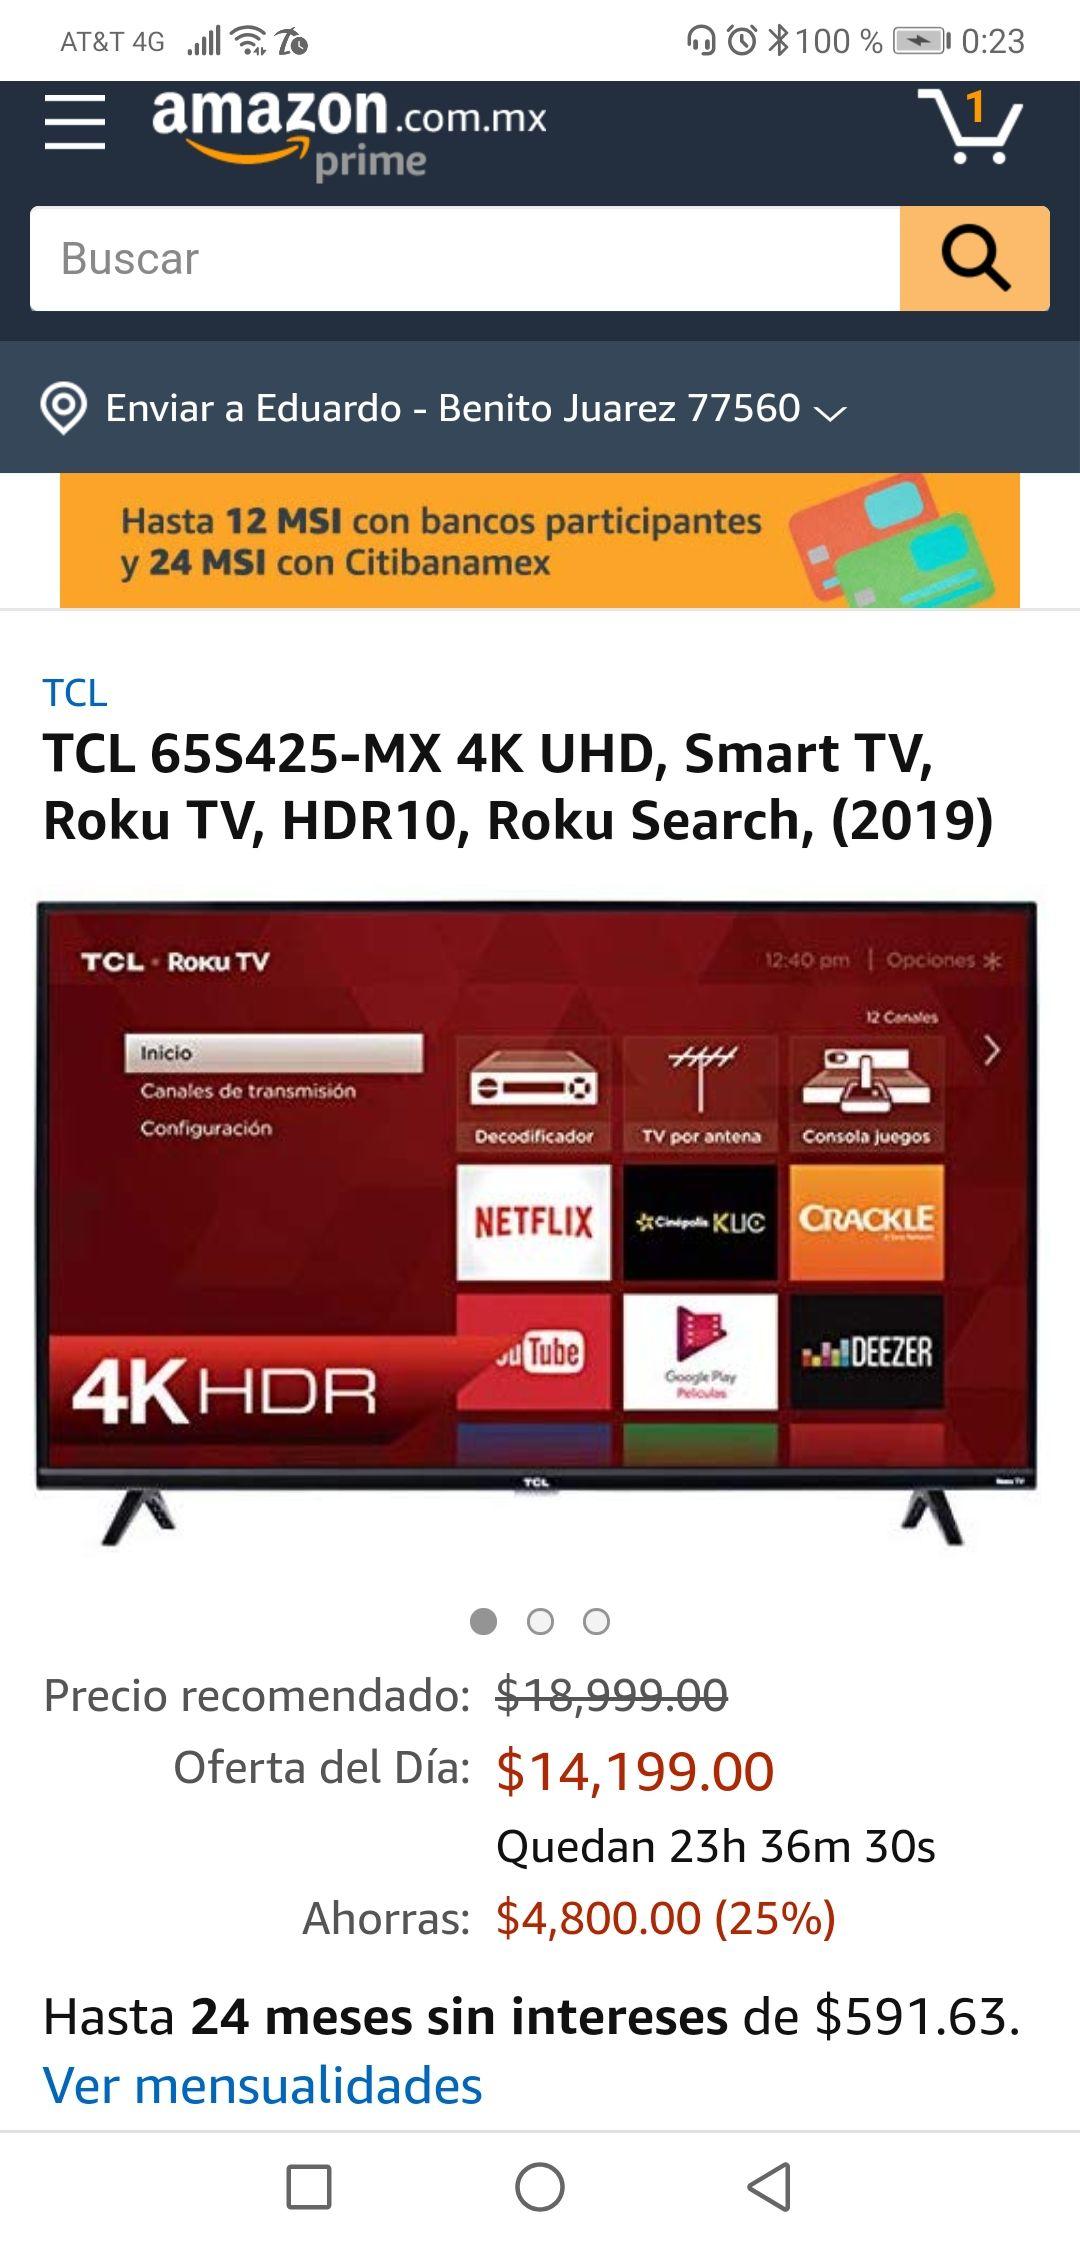 Amazon: Smart TV TCL 65S425-MX 4K UHD (Pagando con Citibanamex y cupón)